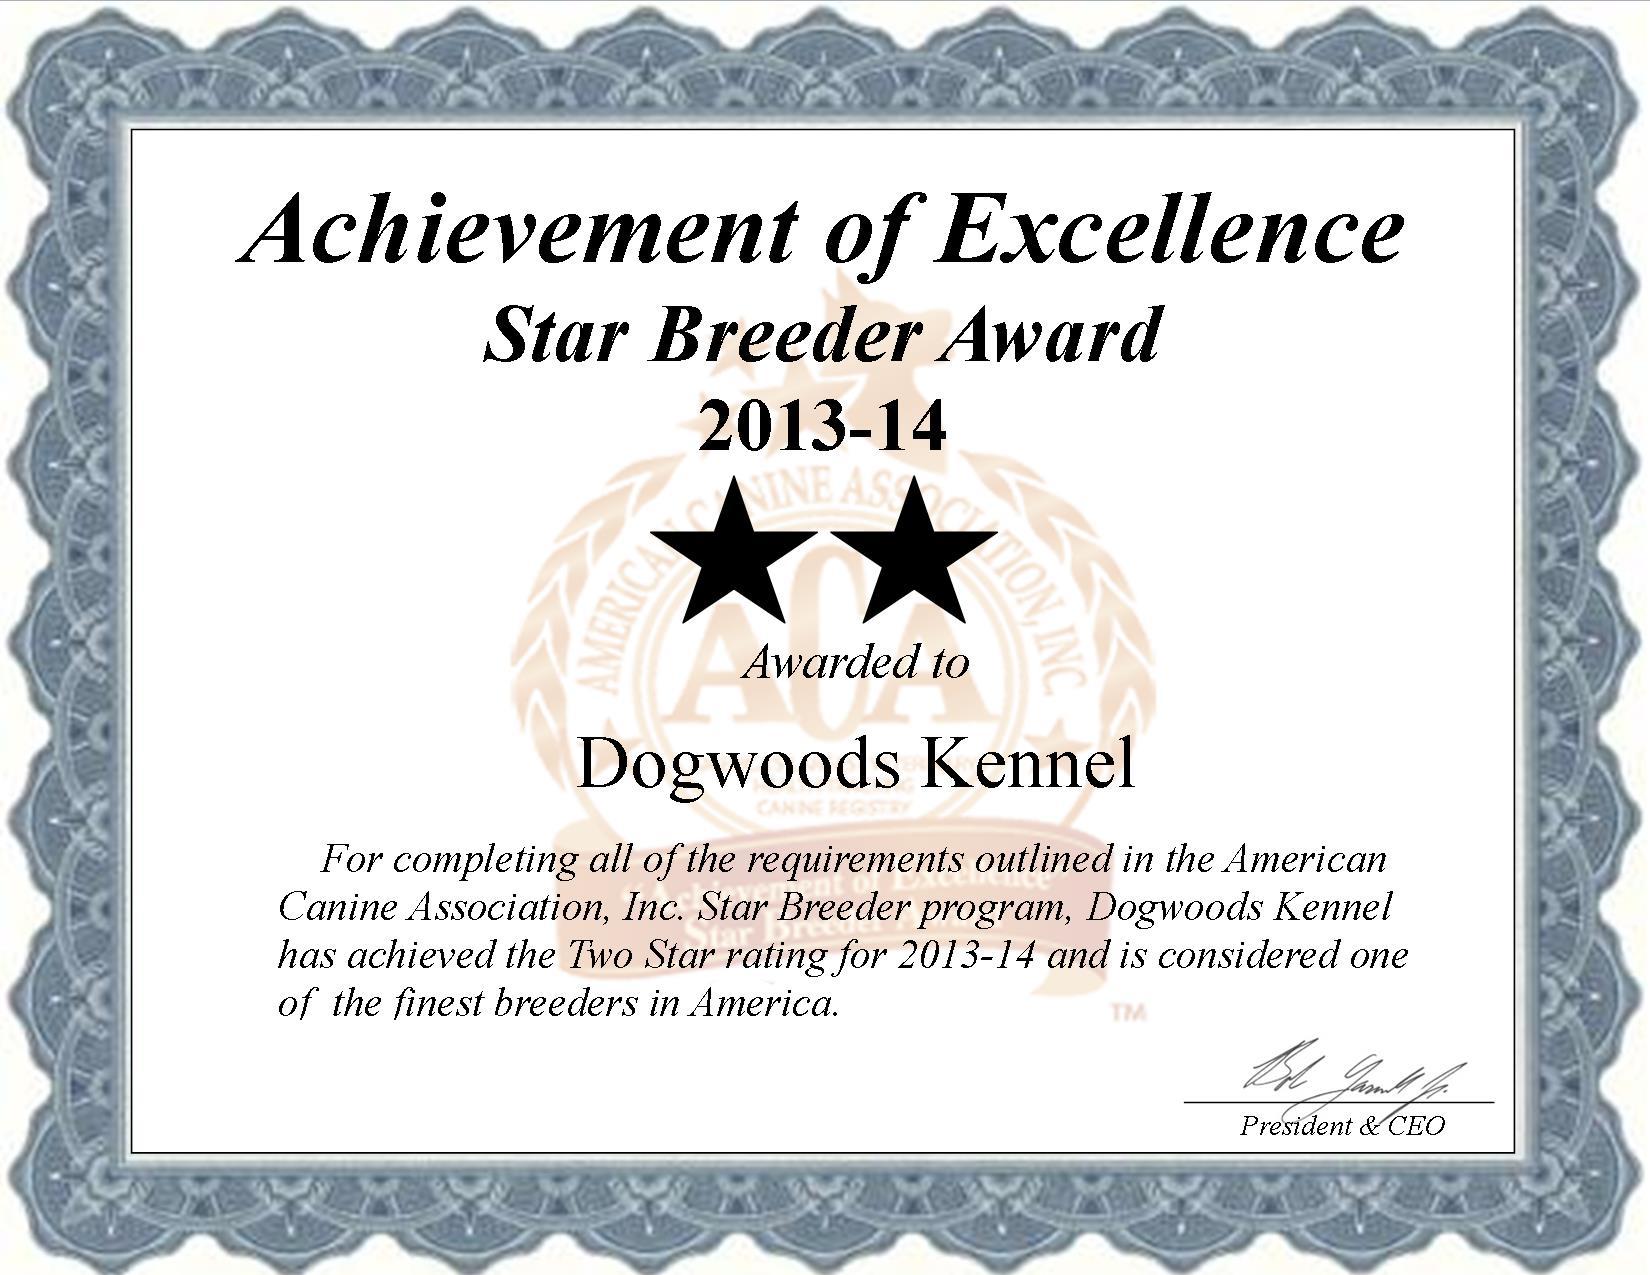 Dogwoods Kennel, dogwoods Kennels, Kennel, dogwoods breeder, star breeder, aca, star breeder, 2 star, Missouri, MO, dog, puppy, puppies, dog breeder, dog breeders, Missouri breeder, Dogwoods Kennel dog breeder